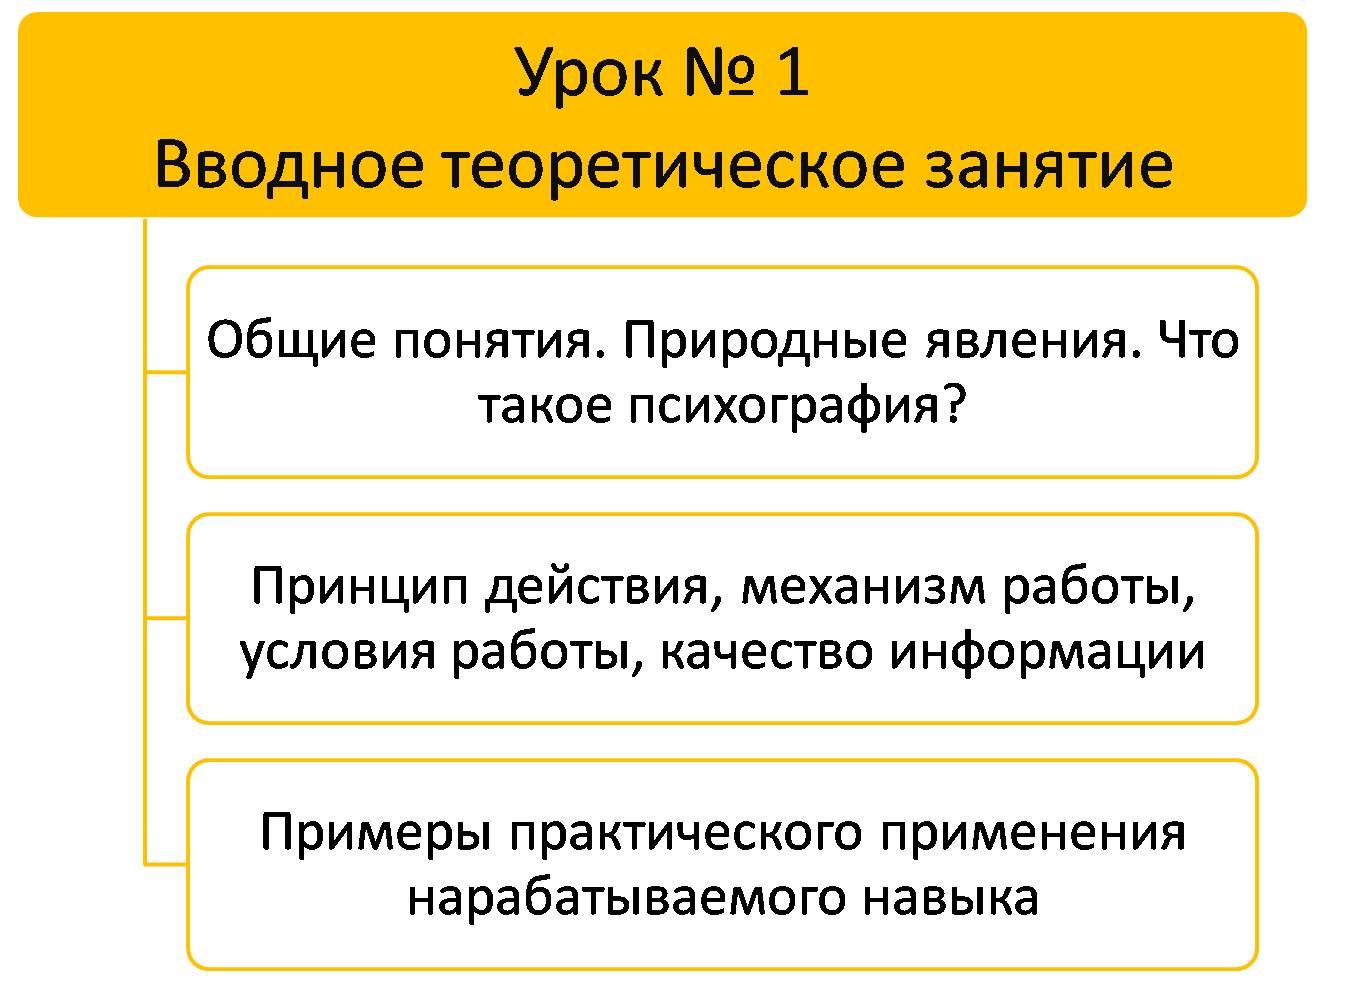 psyhografiya-s-1